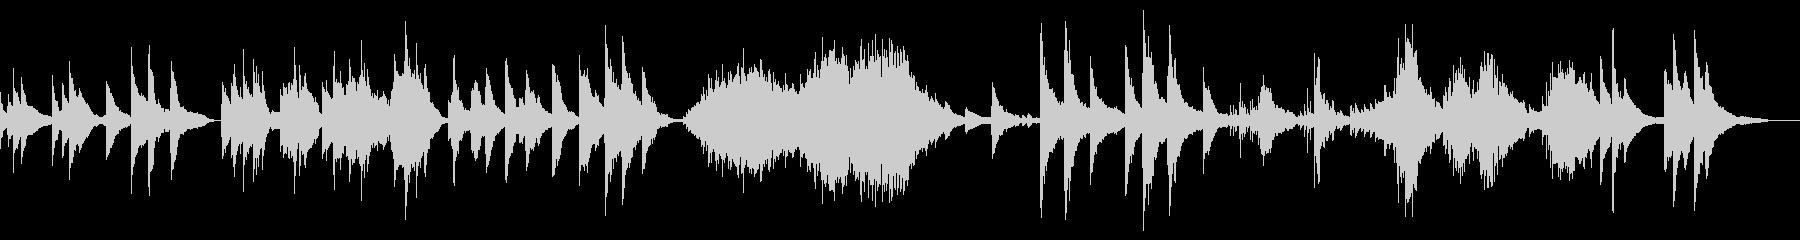 ピアノによるノスタルジックな音風景の未再生の波形